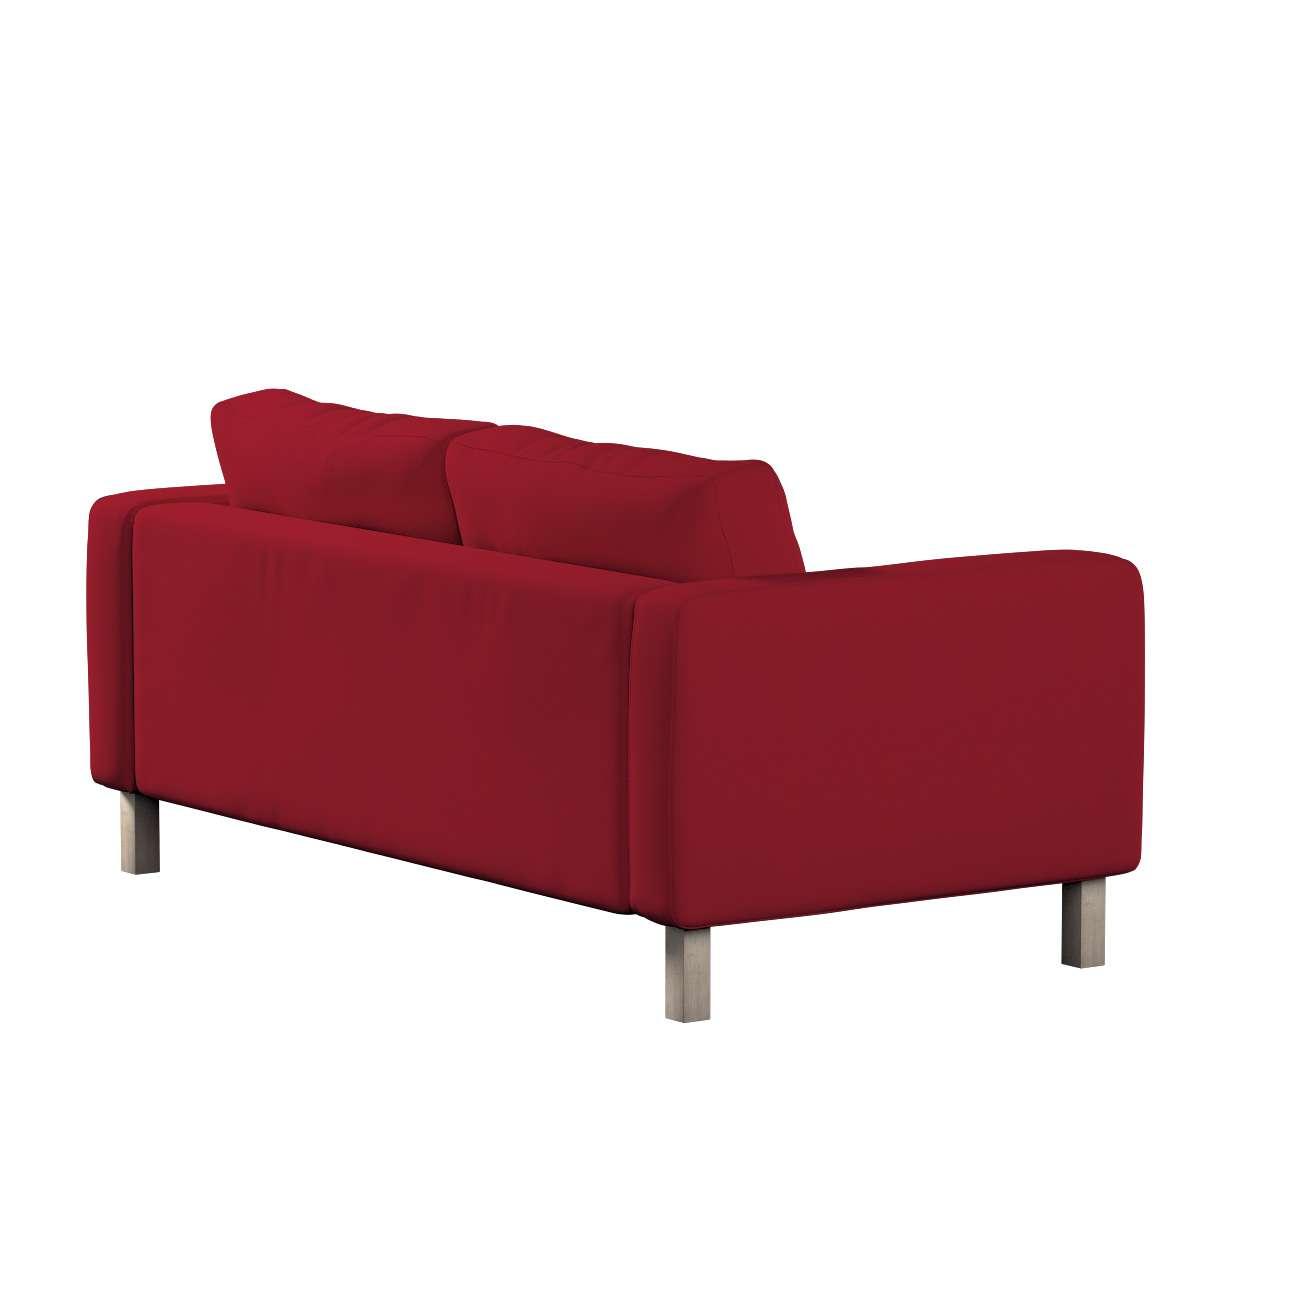 Pokrowiec na sofę Karlstad 2-osobową nierozkładaną krótki w kolekcji Chenille, tkanina: 702-24